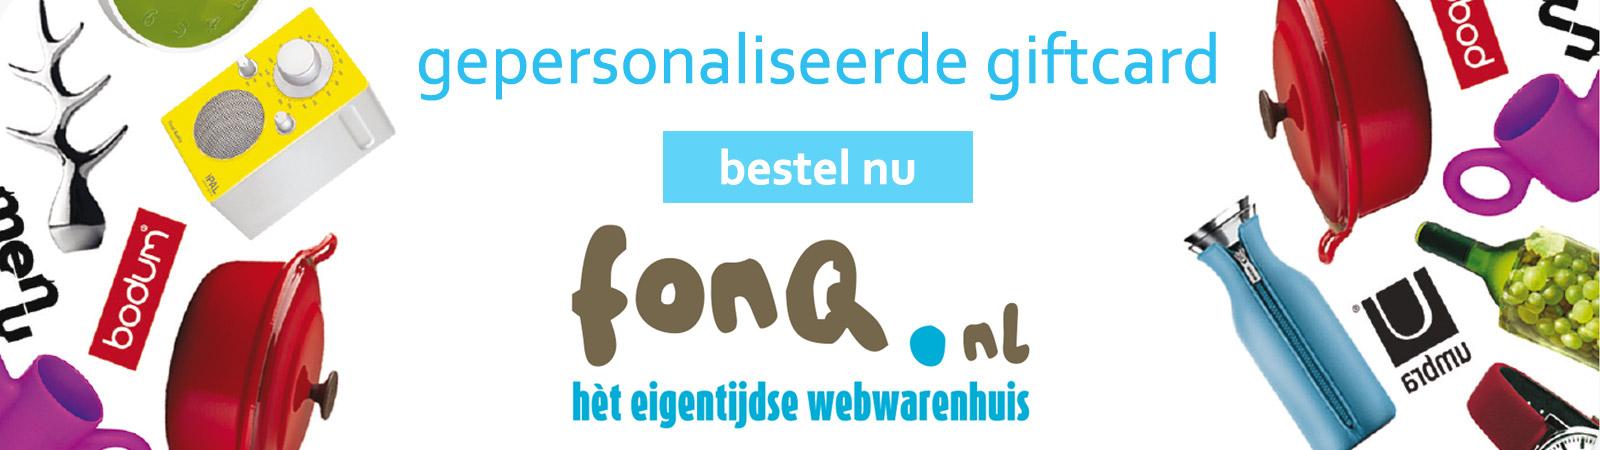 de FonQ cadeaukaart voor bedrijven van Prikkels BV